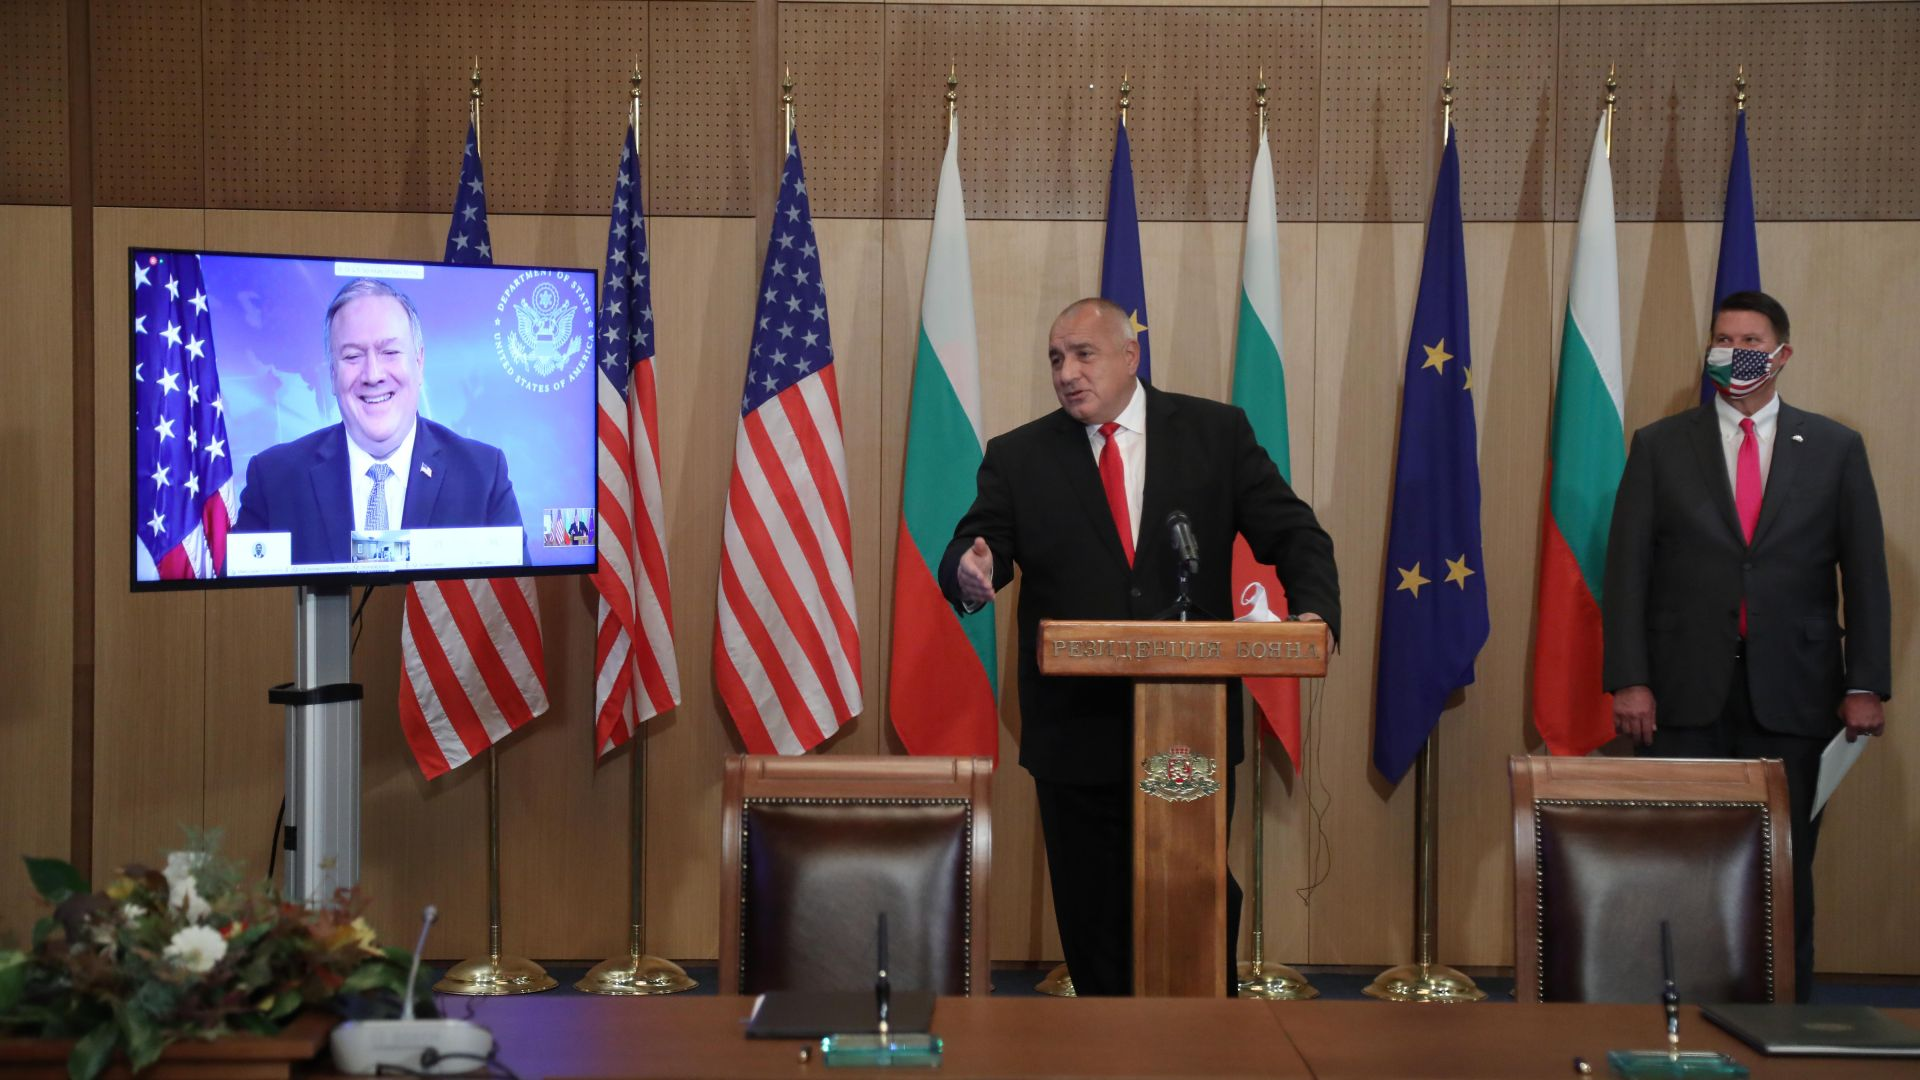 България и САЩ подписаха документи за 5G мрежите и ядрената енергия